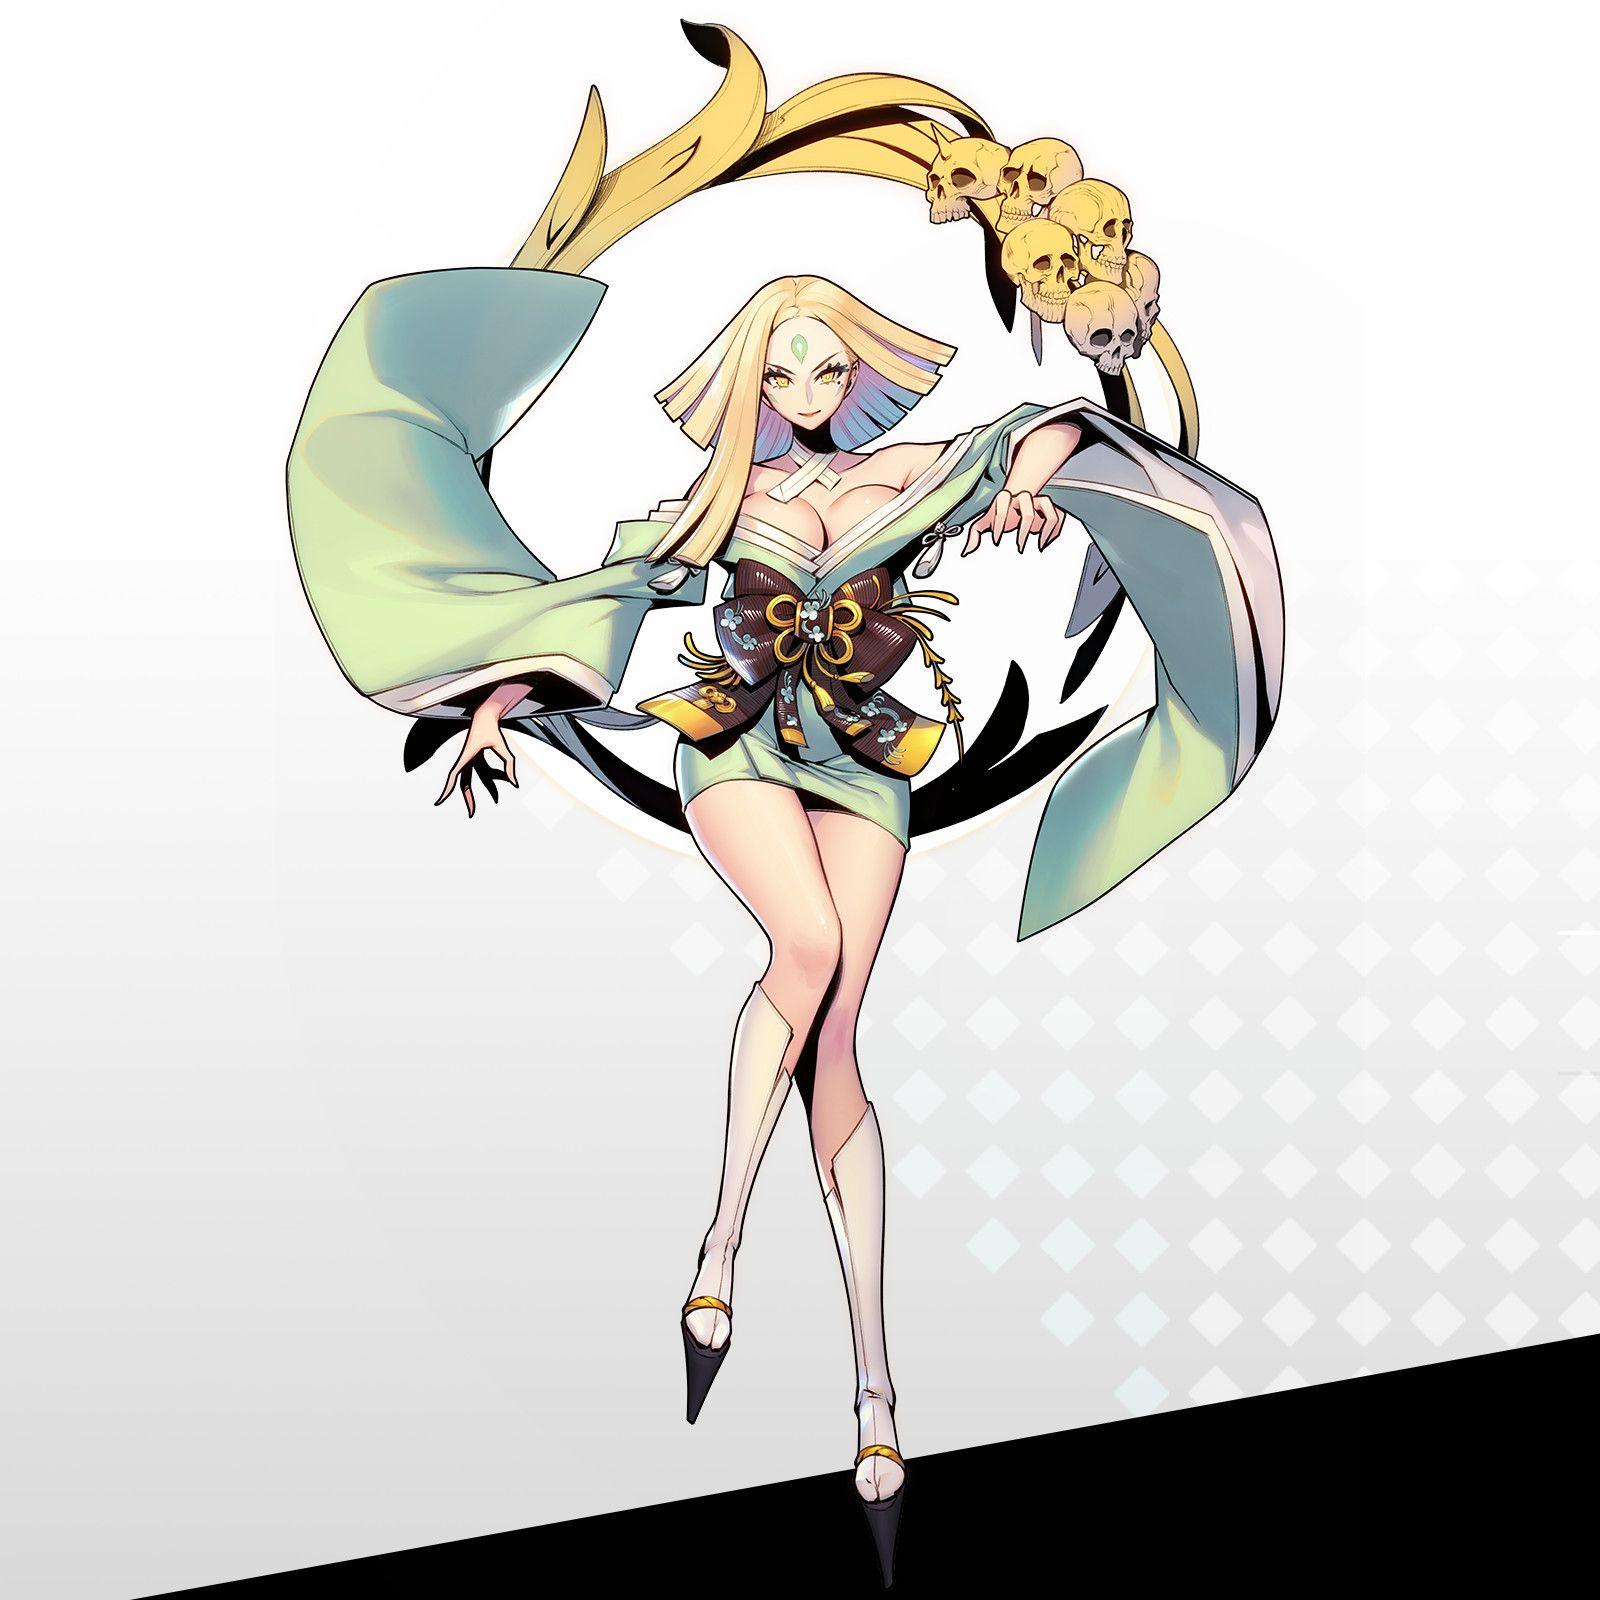 Artstation 凛妖殿 Character Concept Art Female Side Ryushin